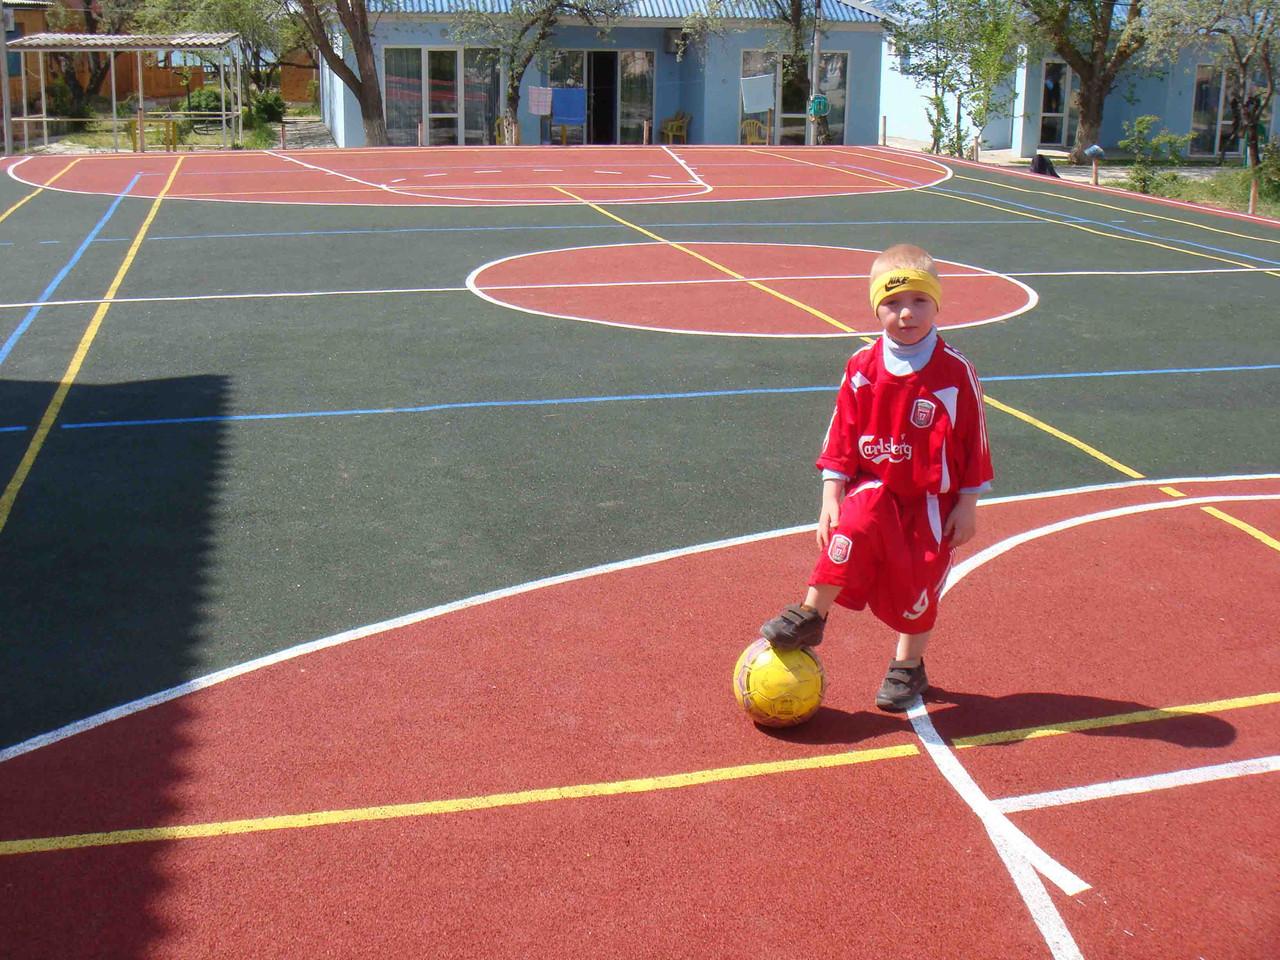 Поле 4в1 Футбол+Волейбол+Баскетбол+Теннис 12мм